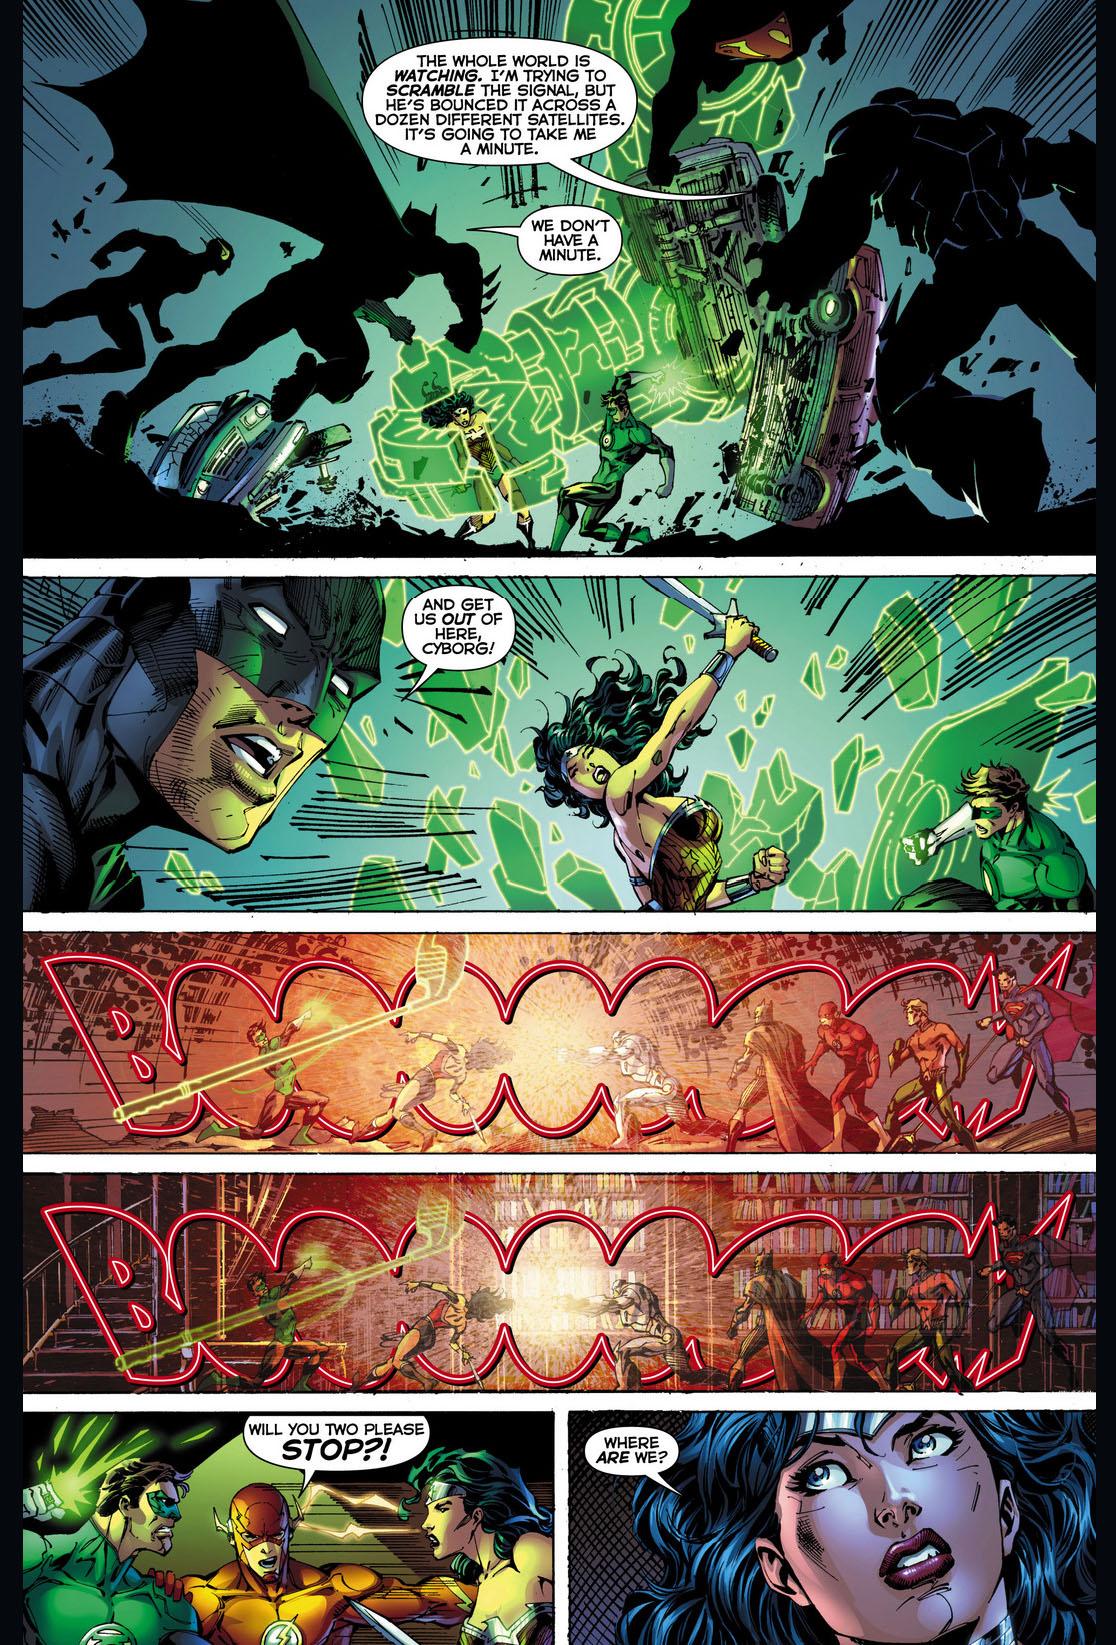 wonder woman vs green lantern 5